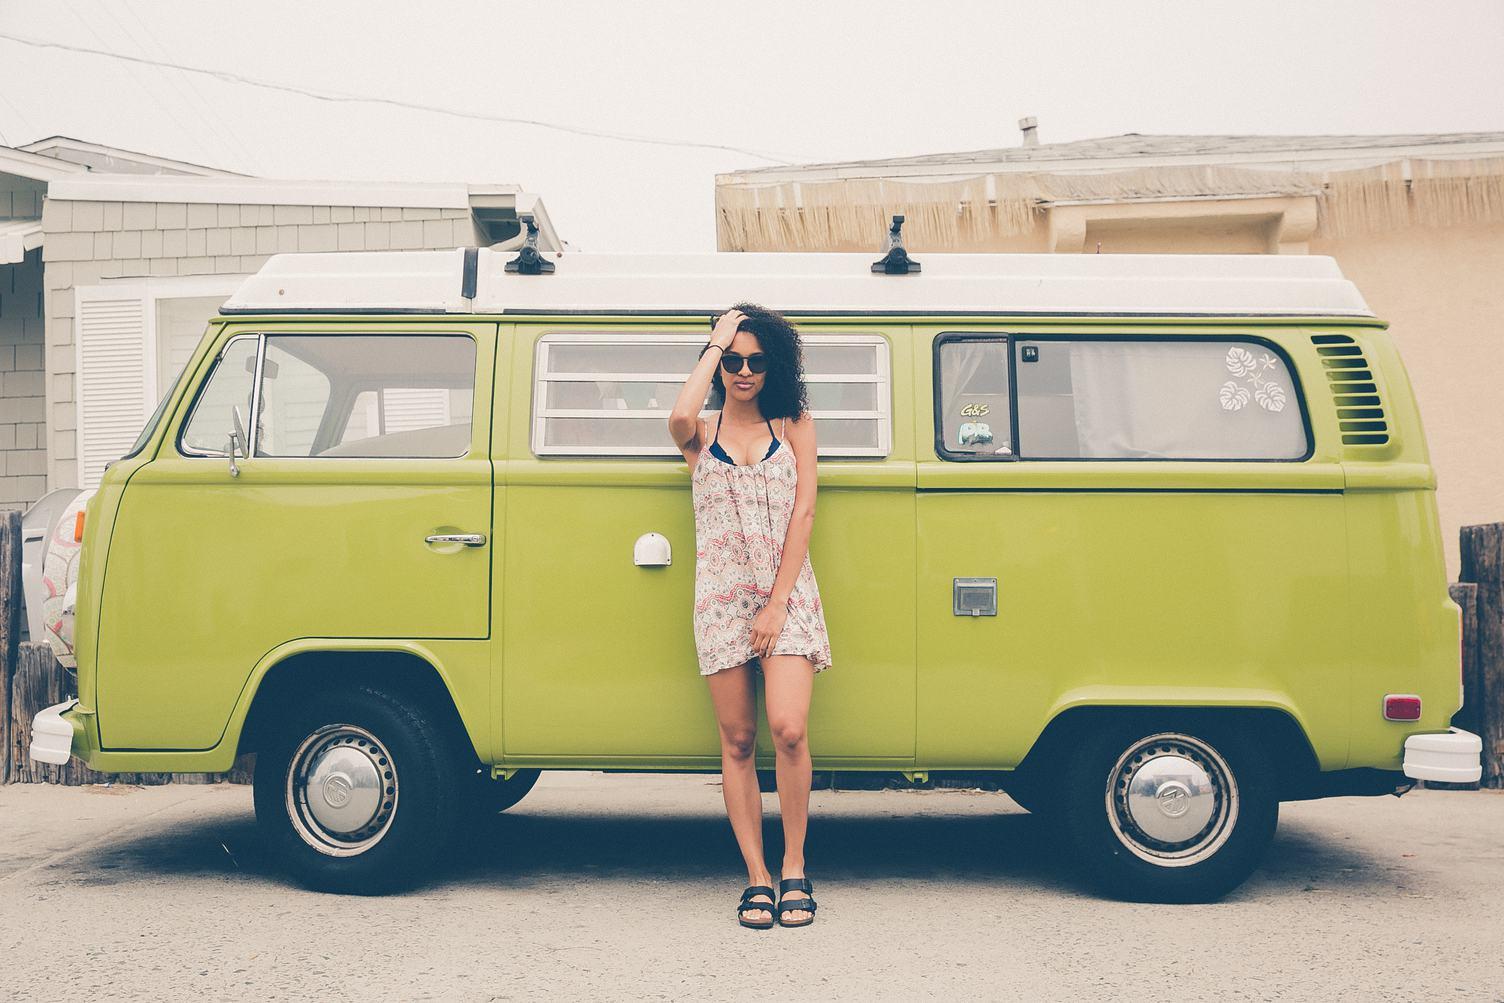 Woman Standing in front of Volkswagen Minibus